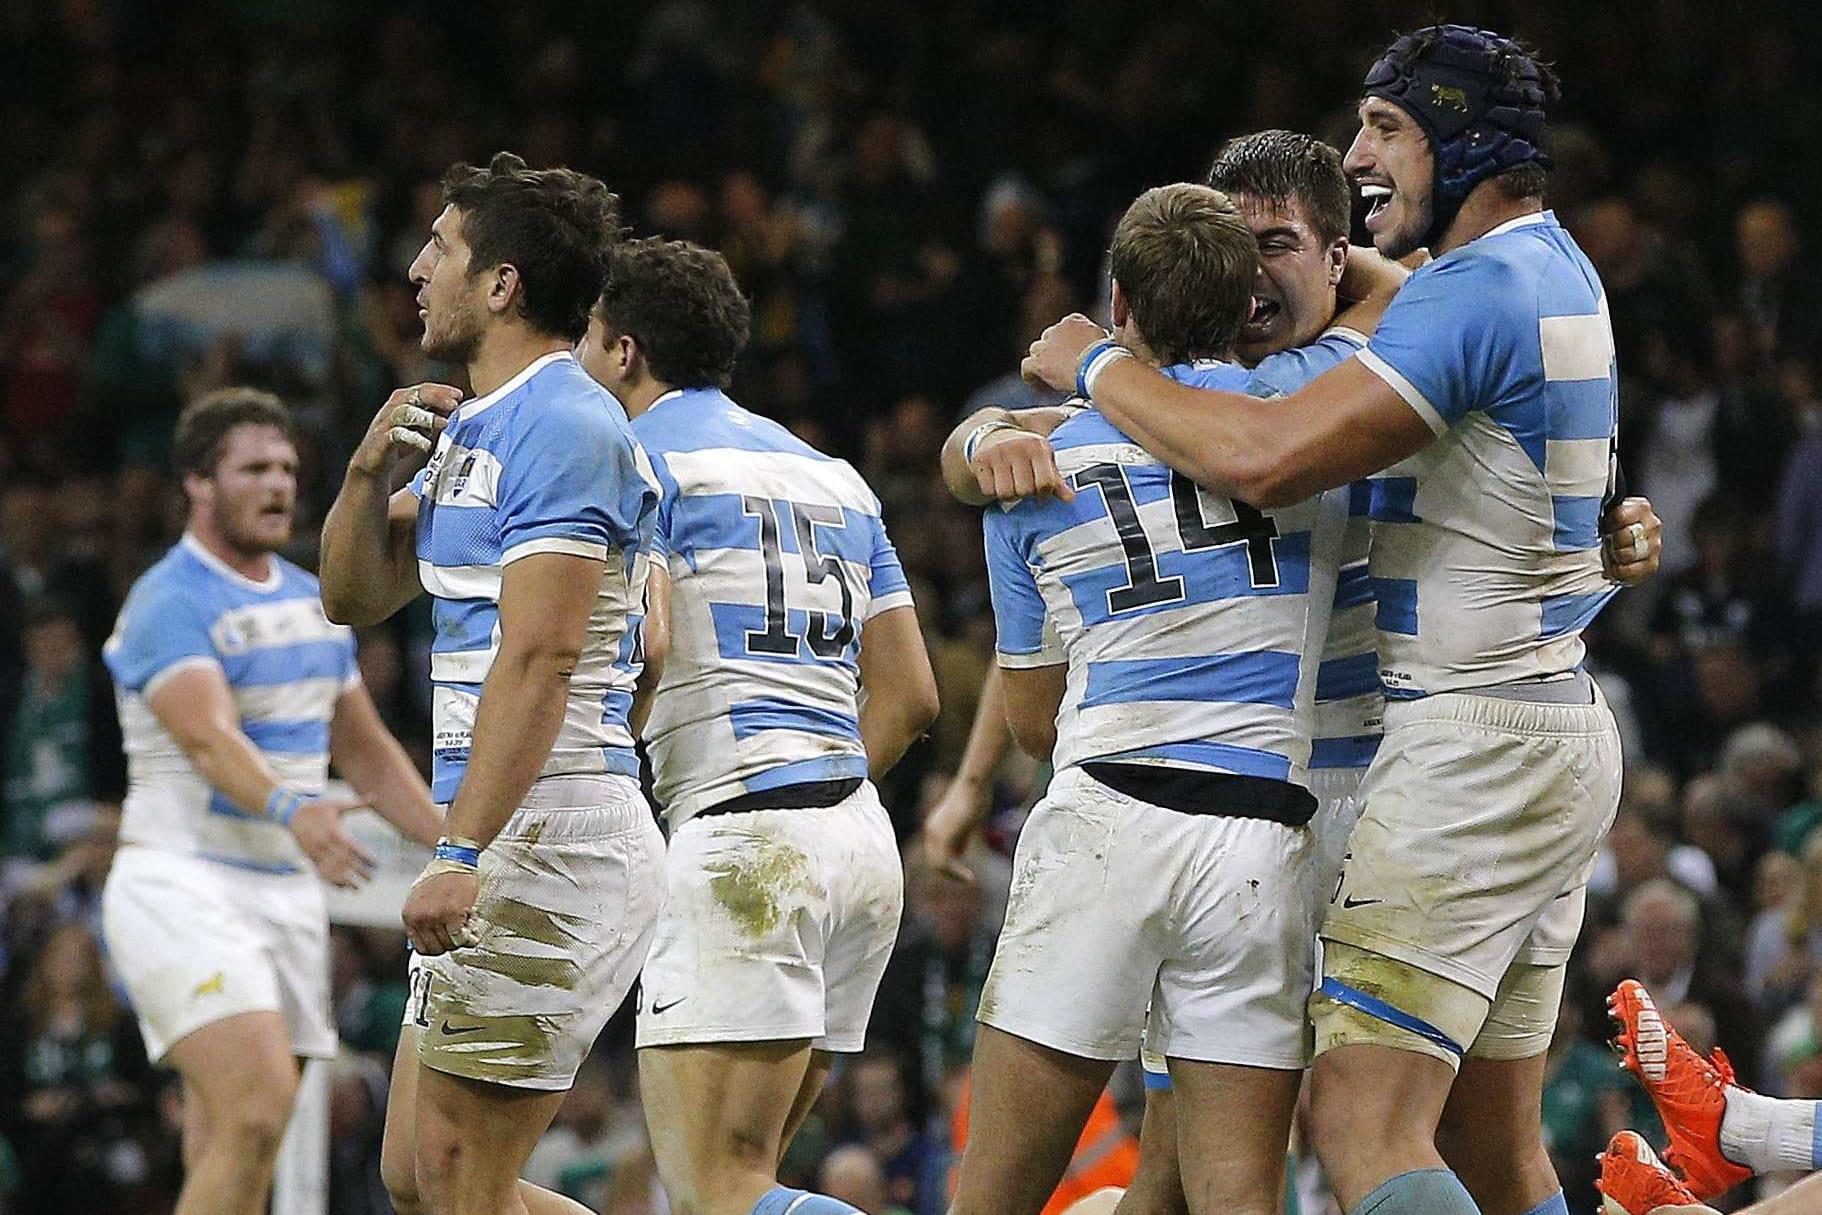 Coupe du monde de rugby 2015 le programme des demi finales calendrier r sultats et - Rugby programme coupe du monde ...